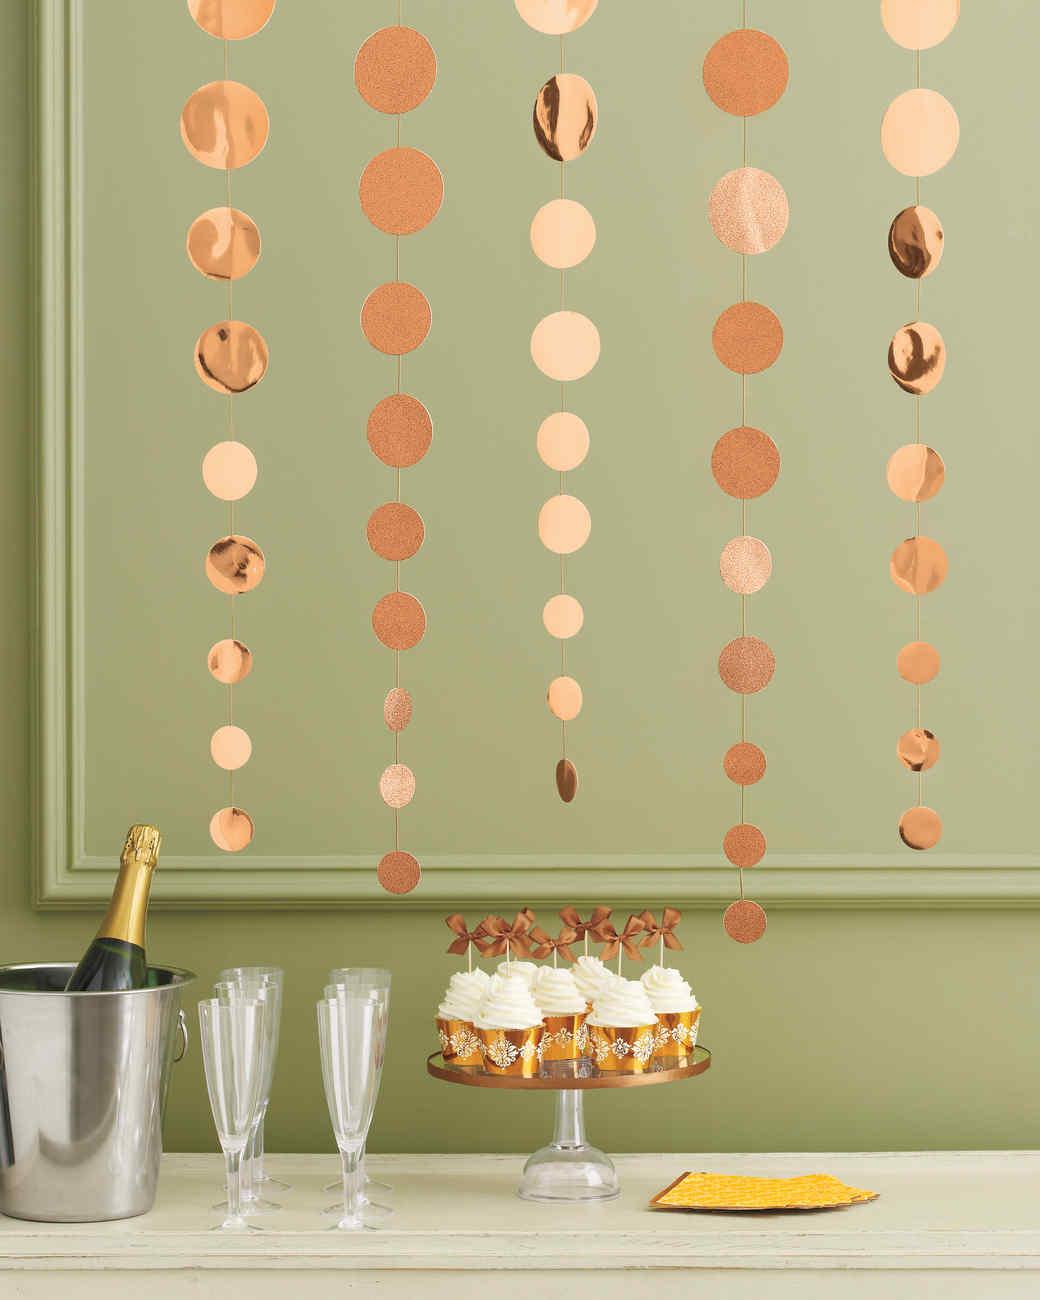 Fall Party Decor Ideas from Martha Celebrations   Martha Stewart